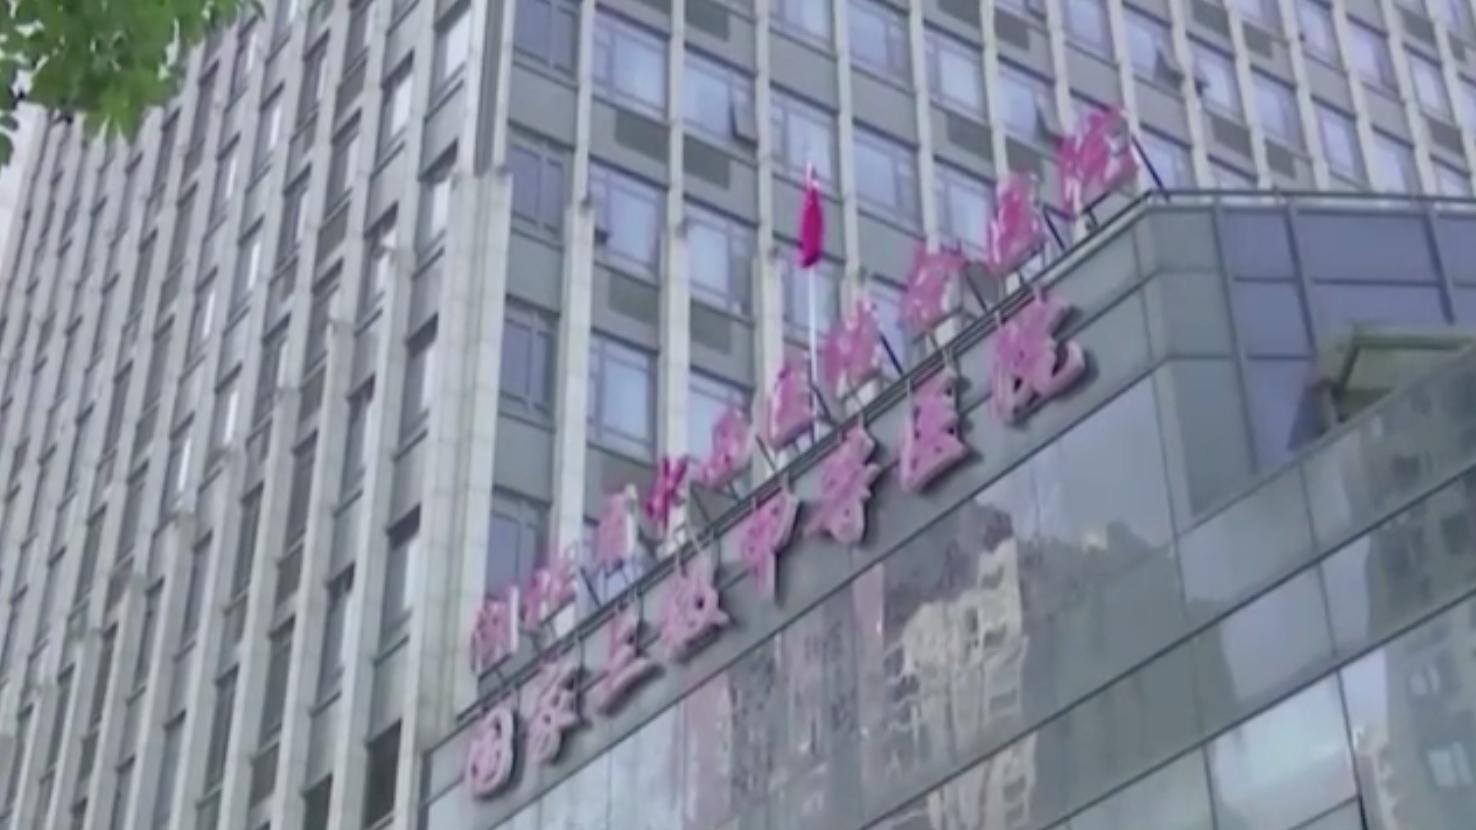 Nhóm chuyên gia của Tổ chức Y tế Thế giới sẽ hủy báo cáo sơ khởi về cuộc điều tra nguồn gốc COVID-19 tại Trung Cộng